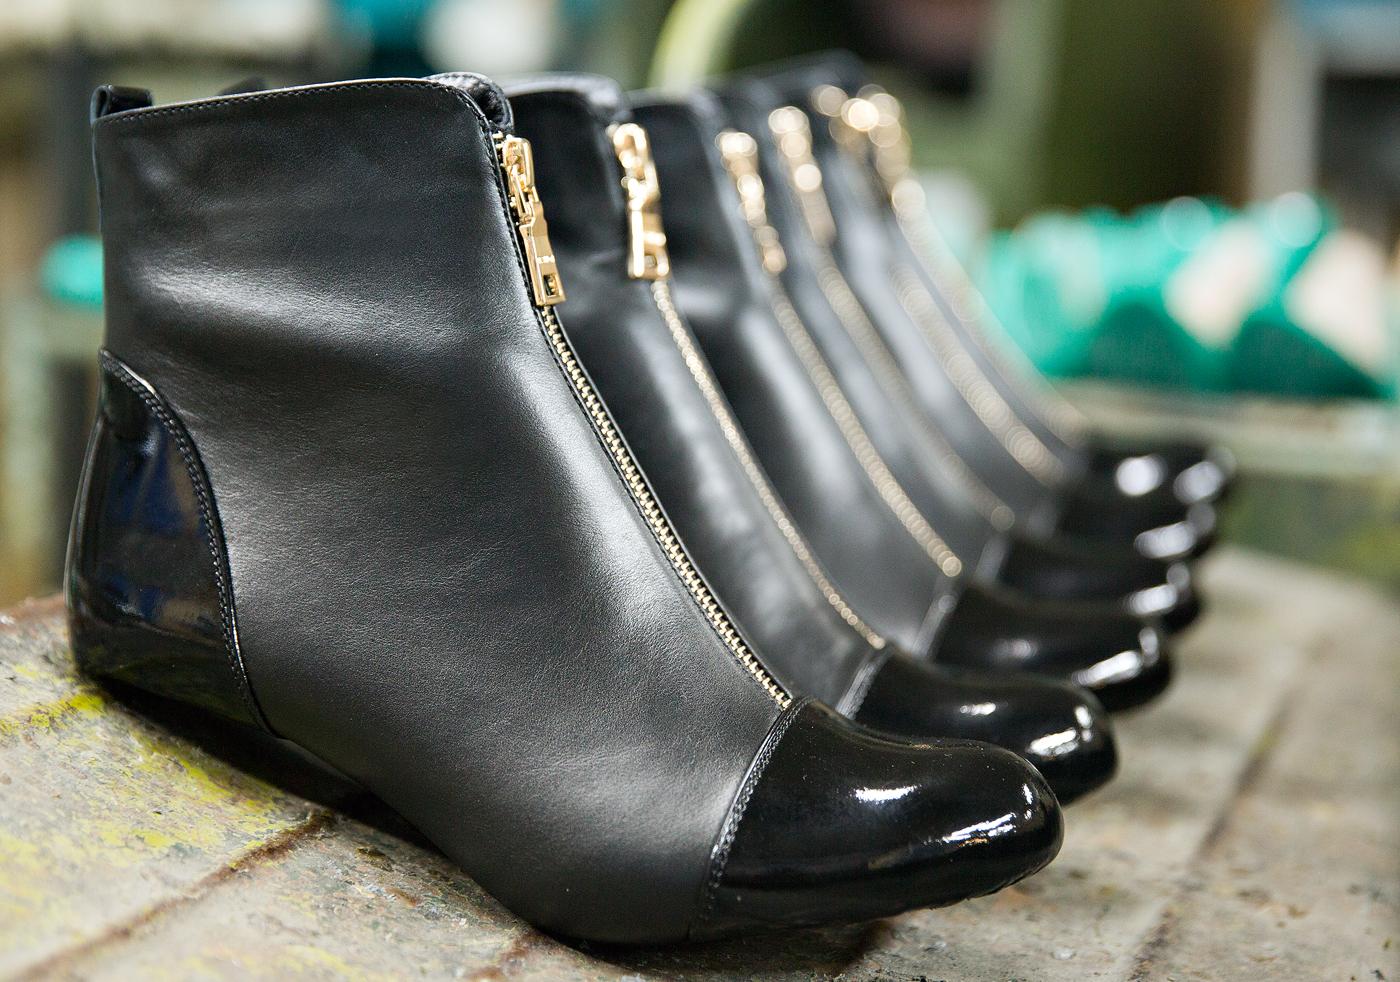 4679f6ef5 Днепропетровская обувная фабрика POLI - Производство и продажа ...